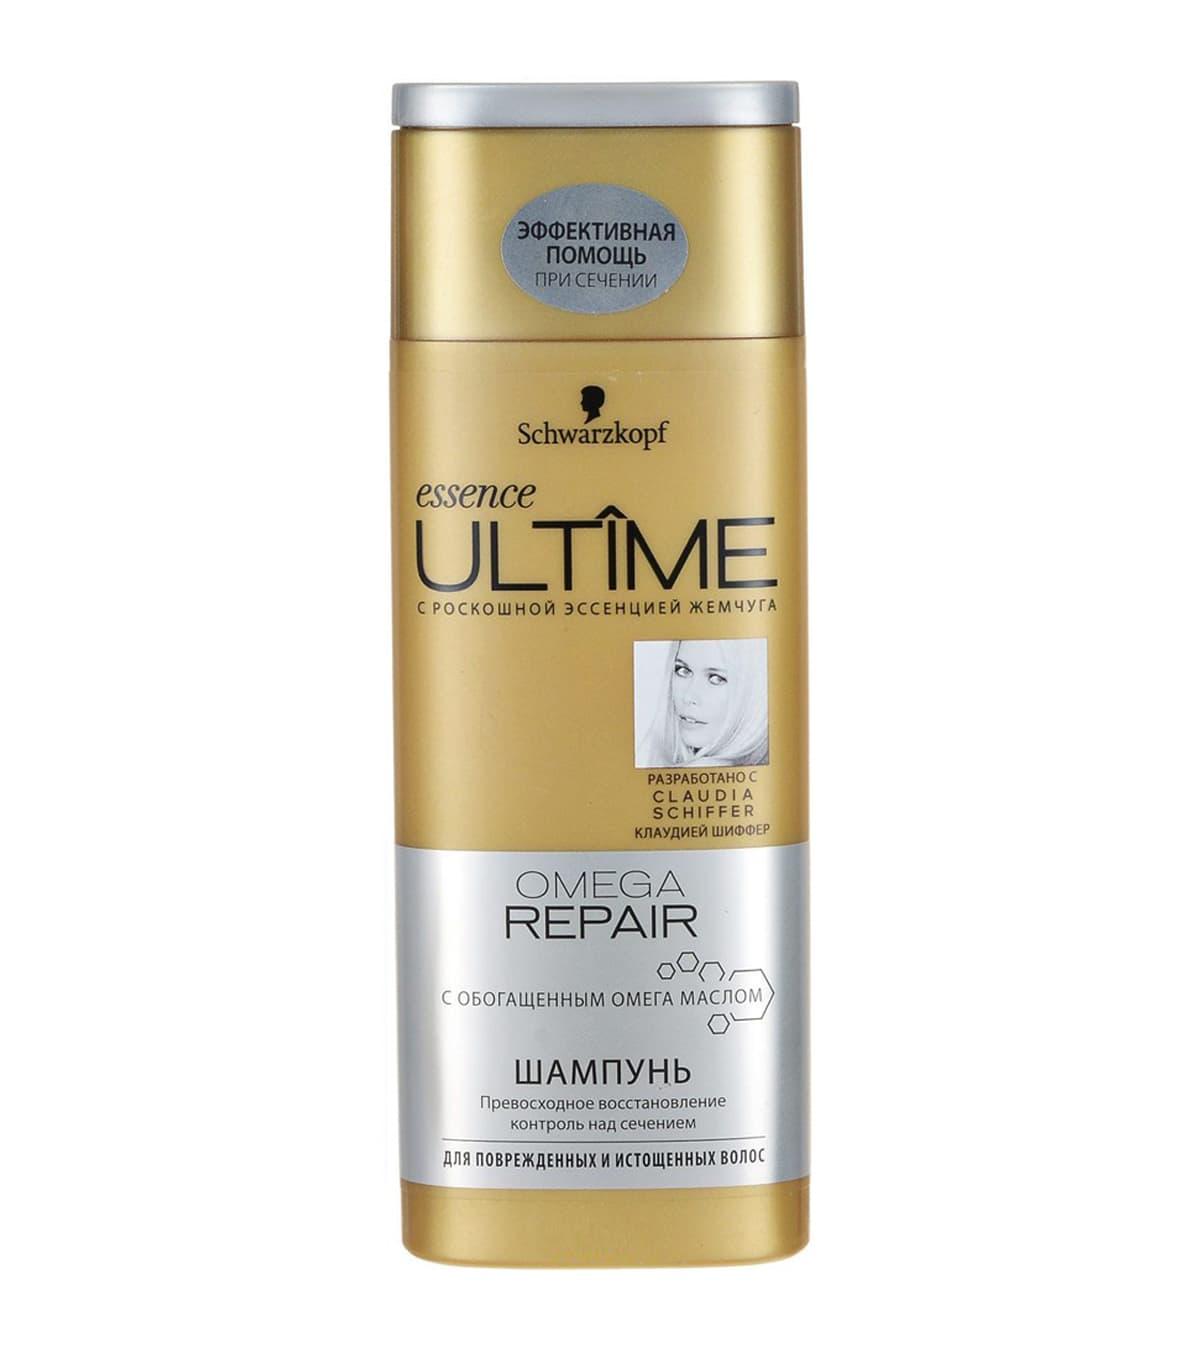 Essence Ultime Omega Repair Шампунь Для Поврежденных И Истощенных ВолосШампуни<br>Шампунь для поврежденных и истощенных волос Essence ULTIME OMEGA REPAIR от SCHWARZKOPF  Для поврежденных и истощенных волос  Превосходное восстановление и контроль над сечением c обогащенным омега маслом<br>Type: 250 мл;